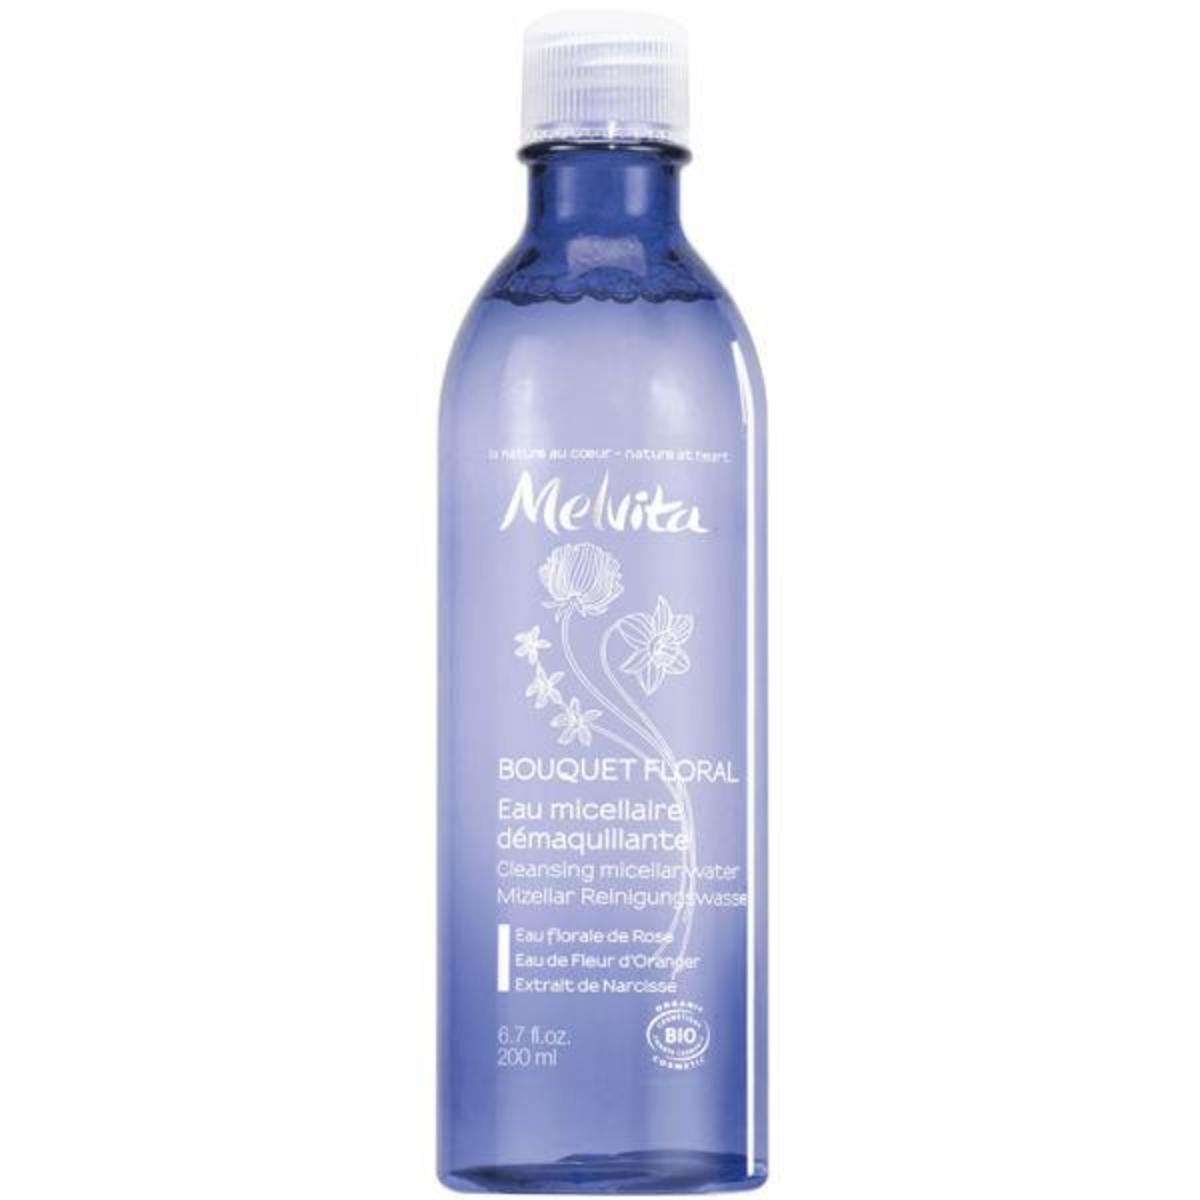 法國直送 - MELVITA - 有機花粹清新淨膚水 - 200ml